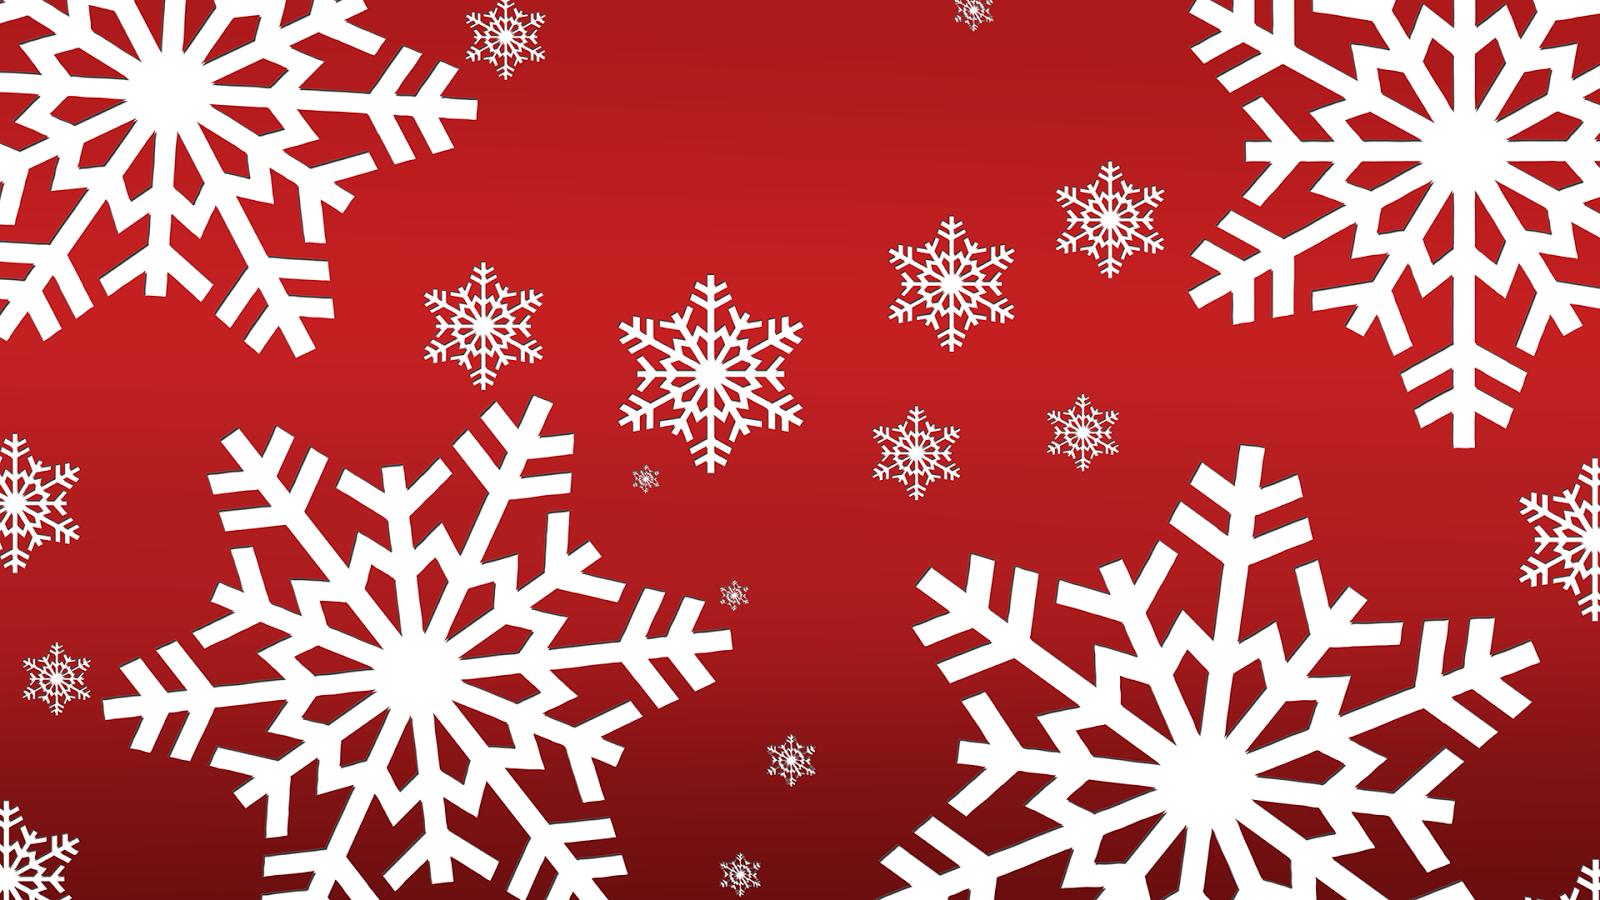 Sfondi Natalizi Animati.03sfondi Desktop Natalizi Sfondi Natale Desktop Sfondi